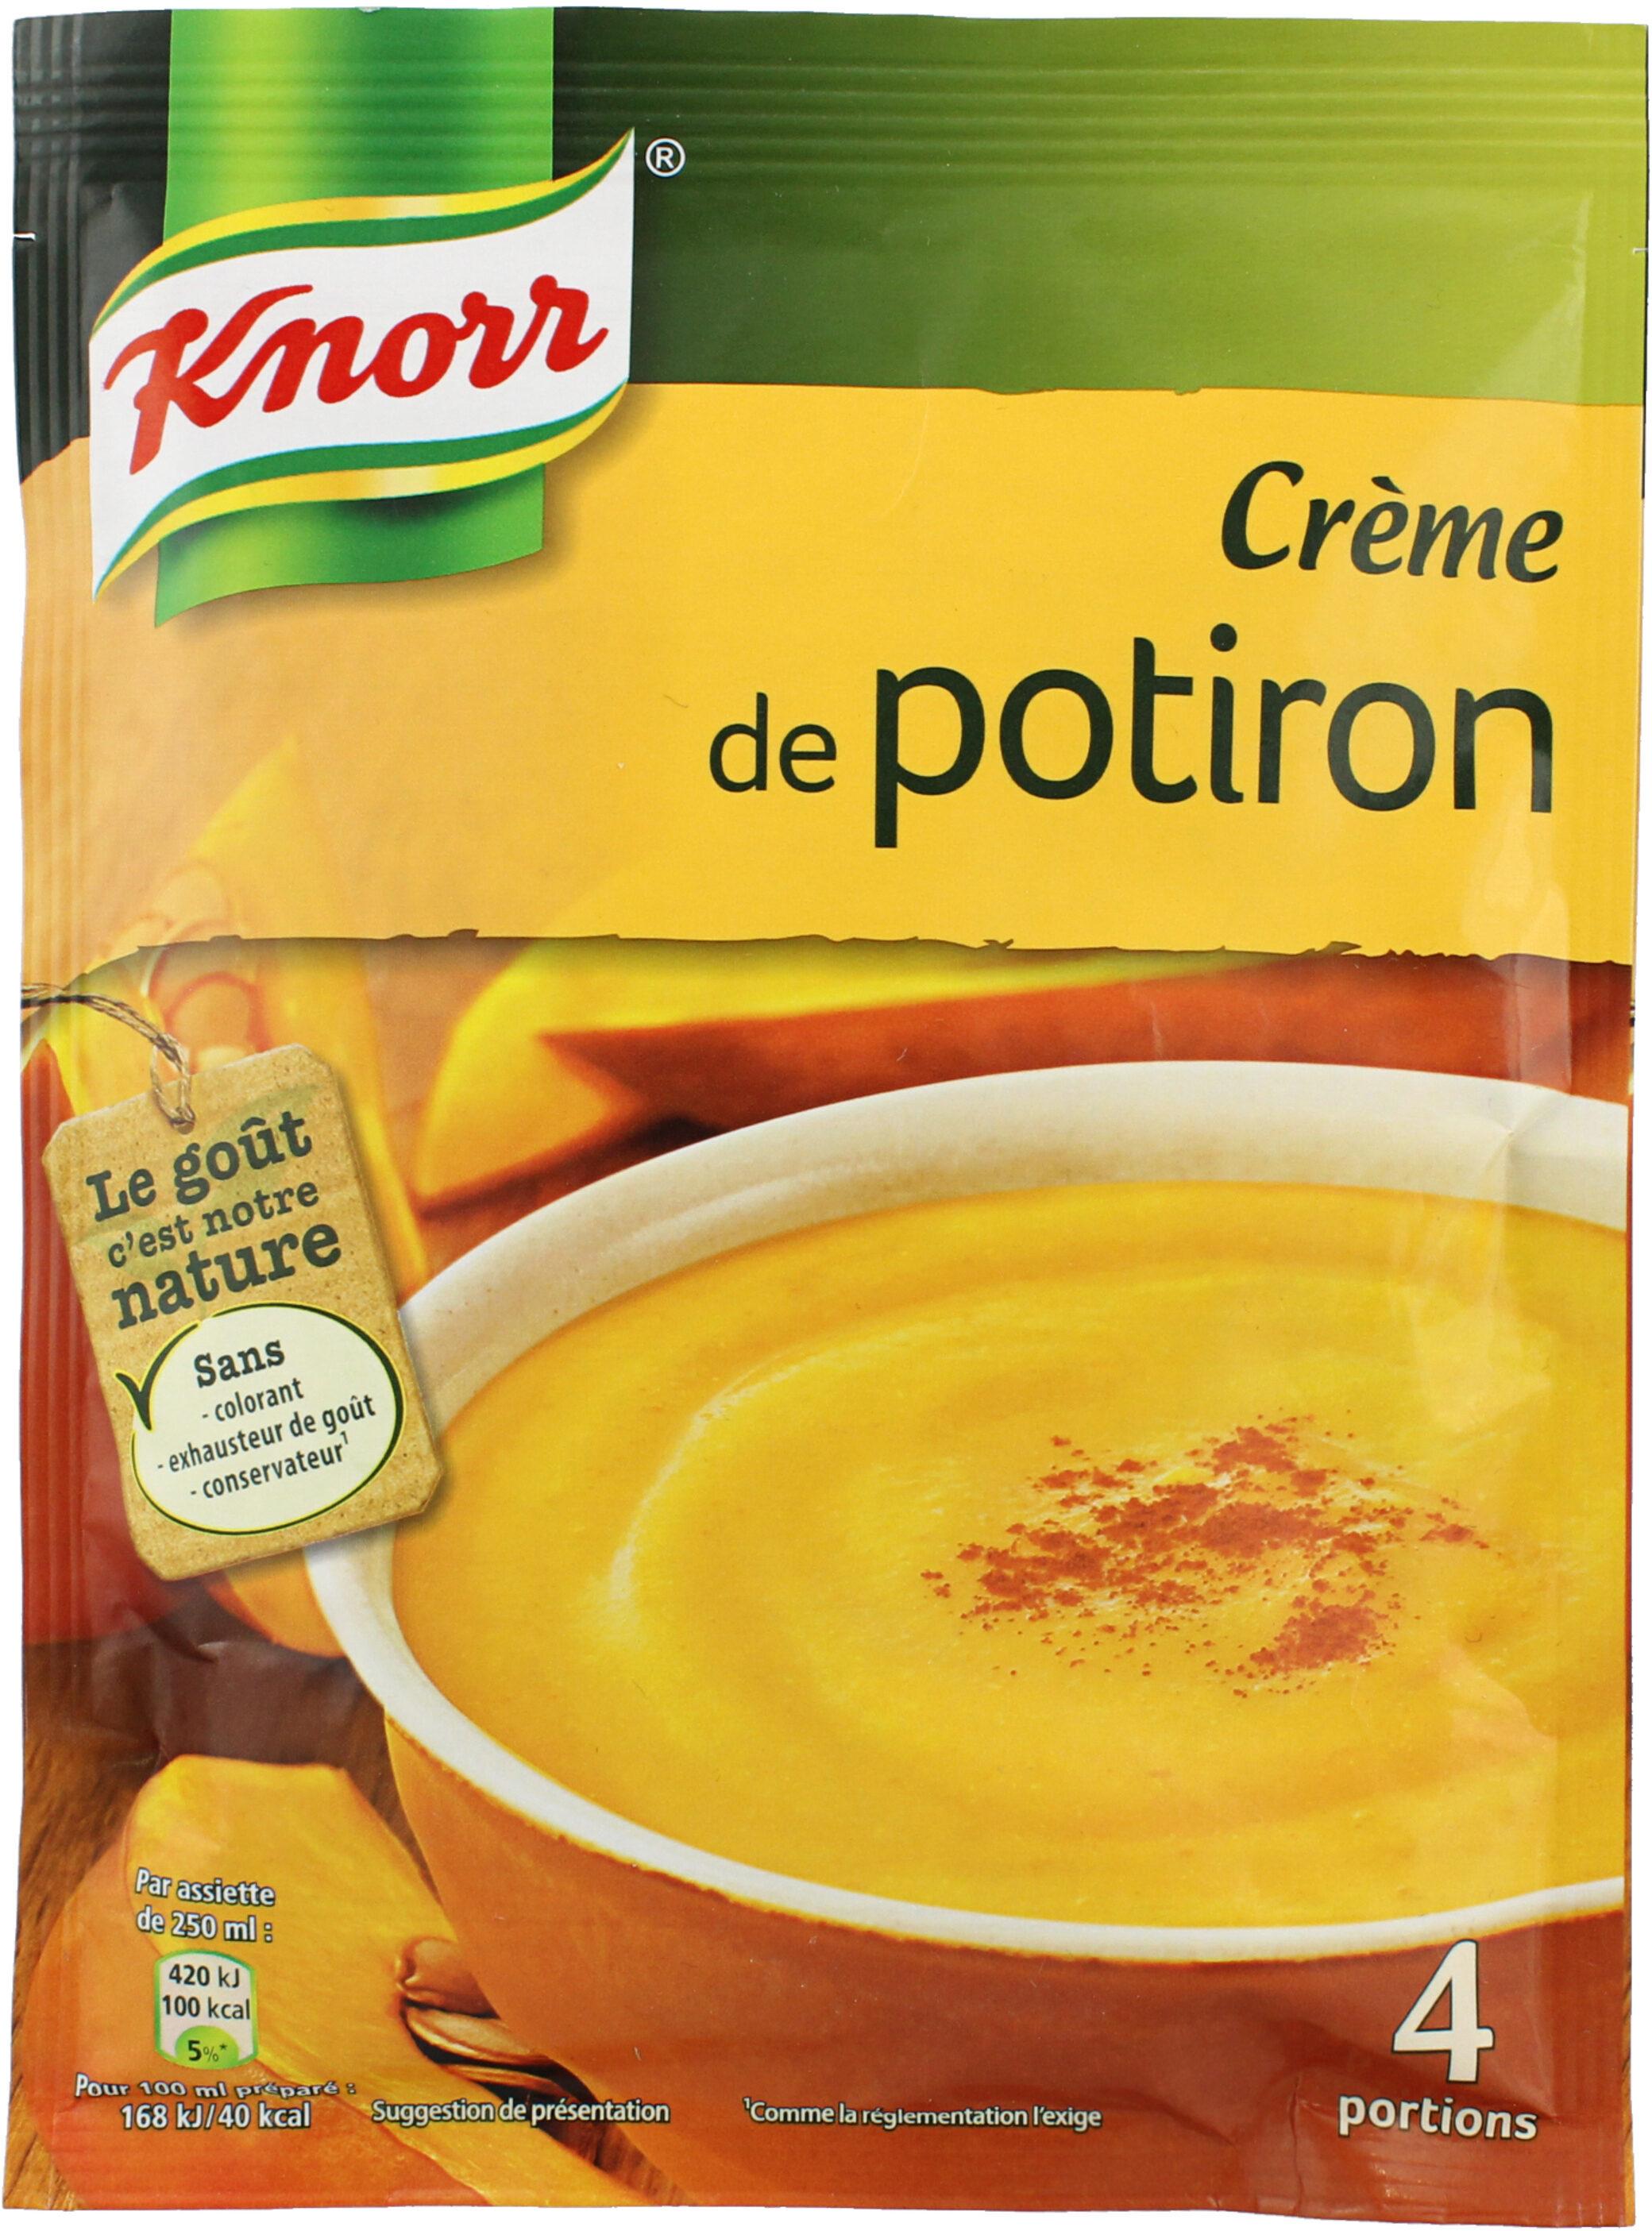 Knorr Soupe Crème de Potiron 100g 3 Portions - Produit - fr